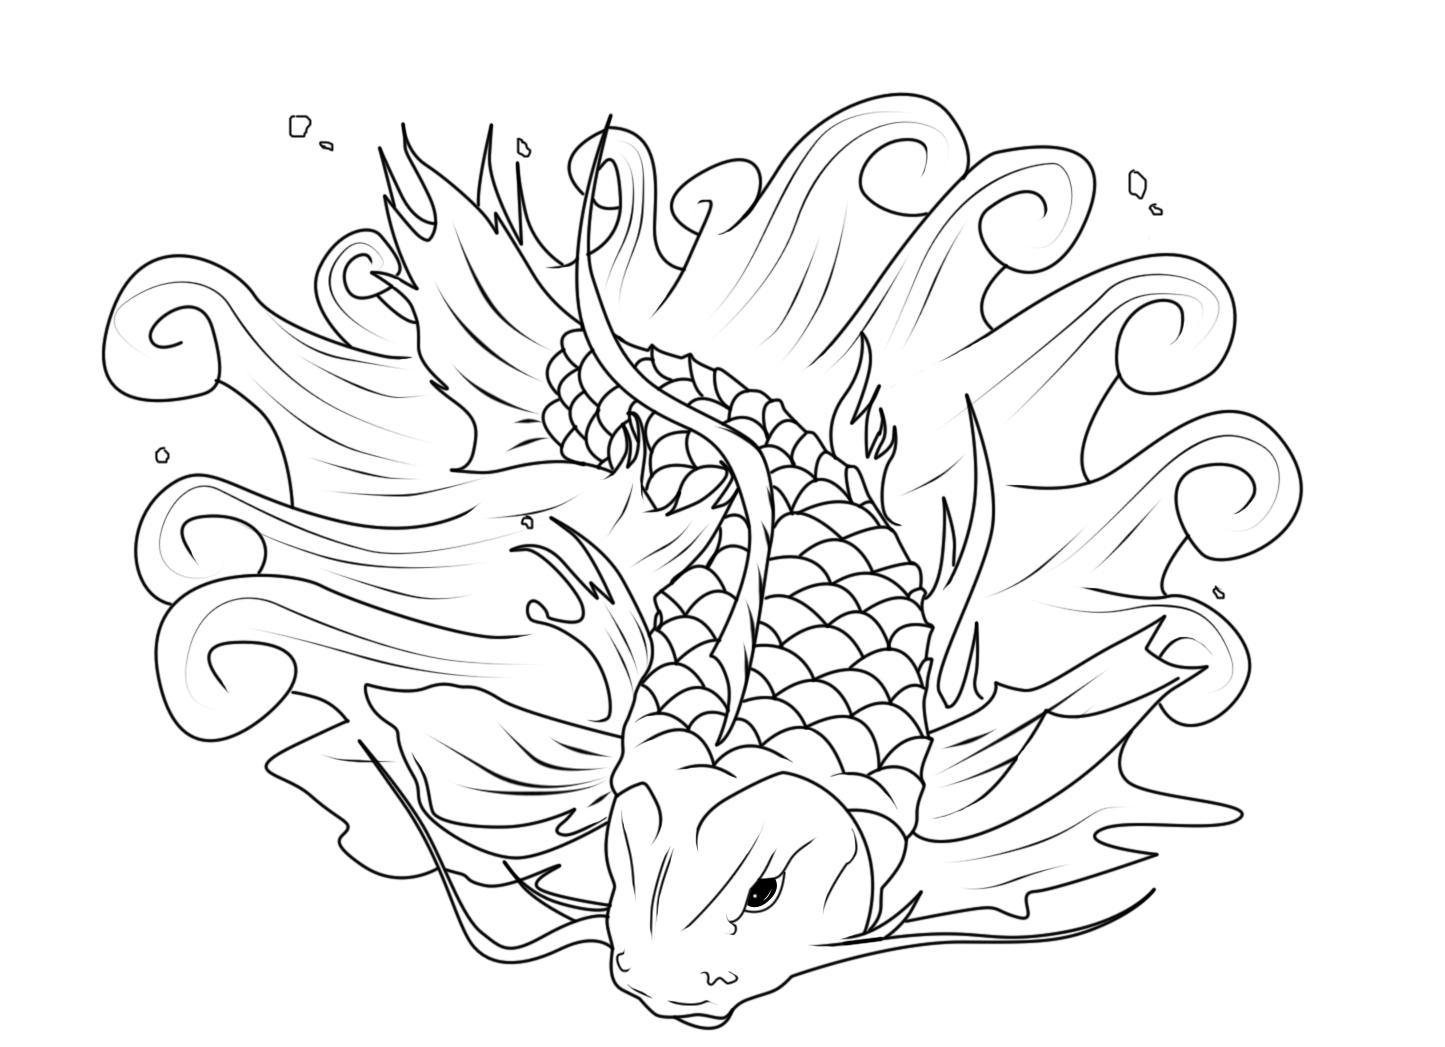 Koi fishing coloring page  Fish coloring page, Koi fish drawing